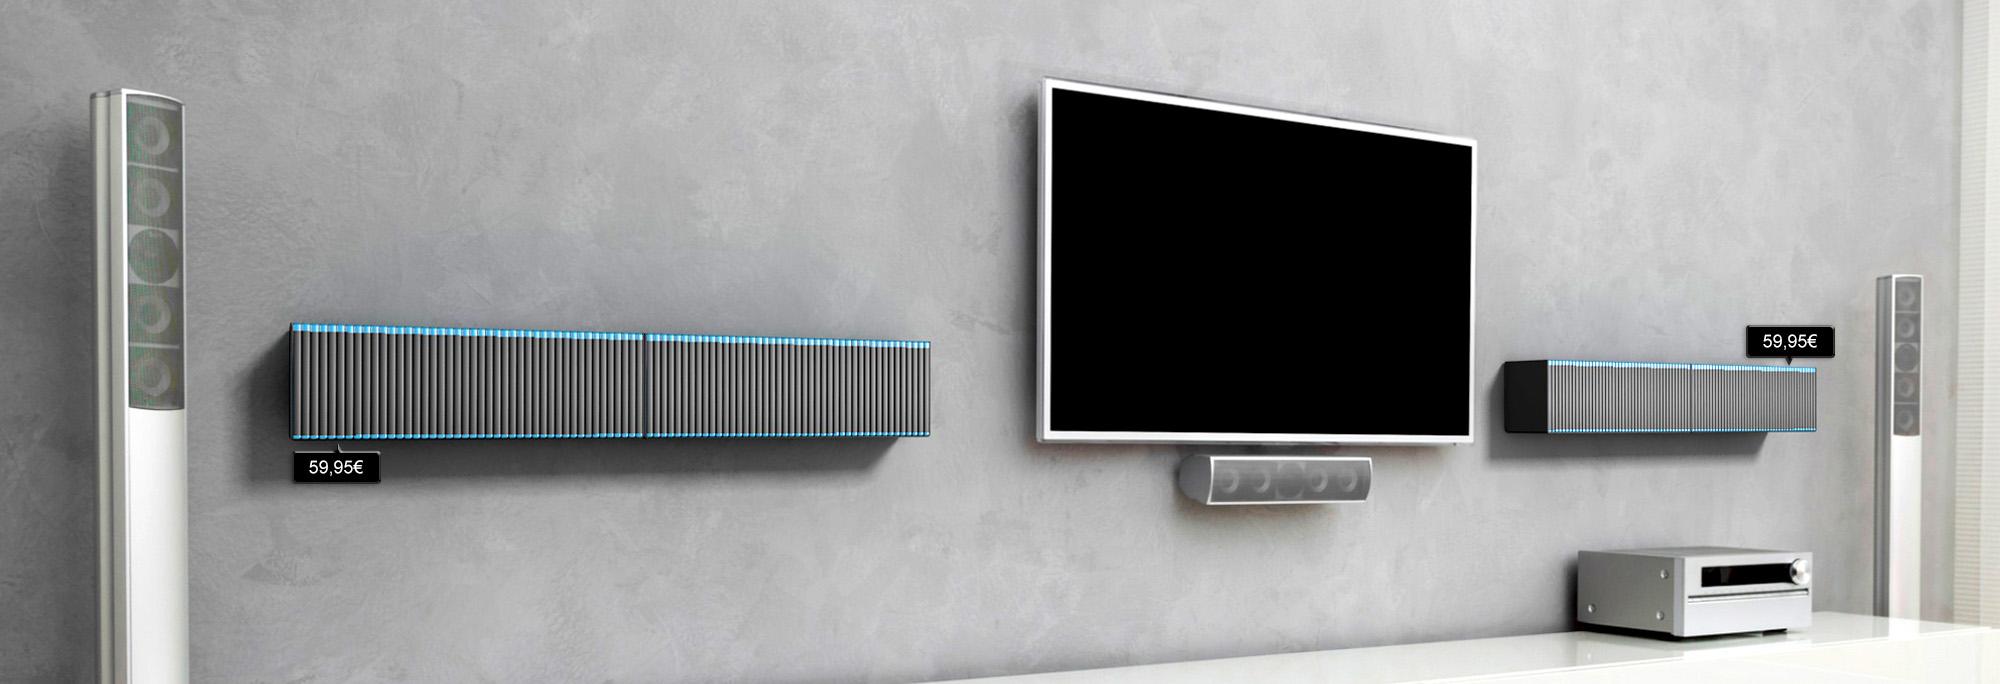 home3000 wohndesign. Black Bedroom Furniture Sets. Home Design Ideas